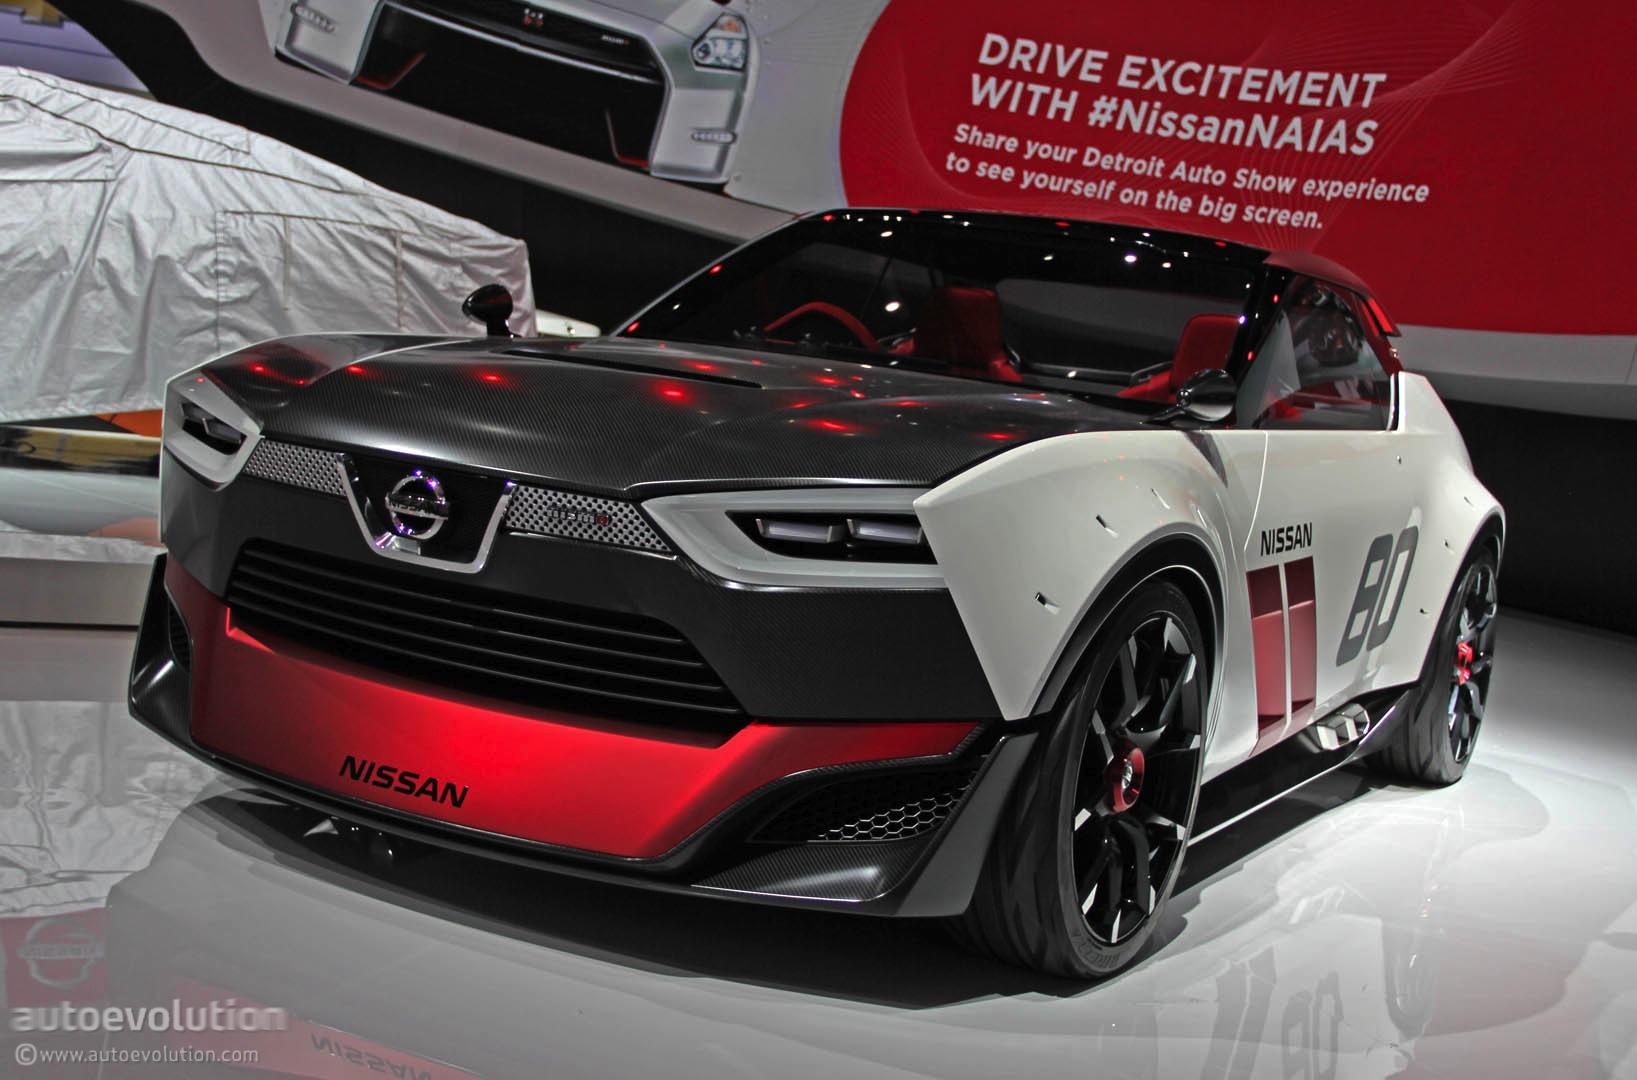 nissan idx nismo concept at 2014 detroit auto show